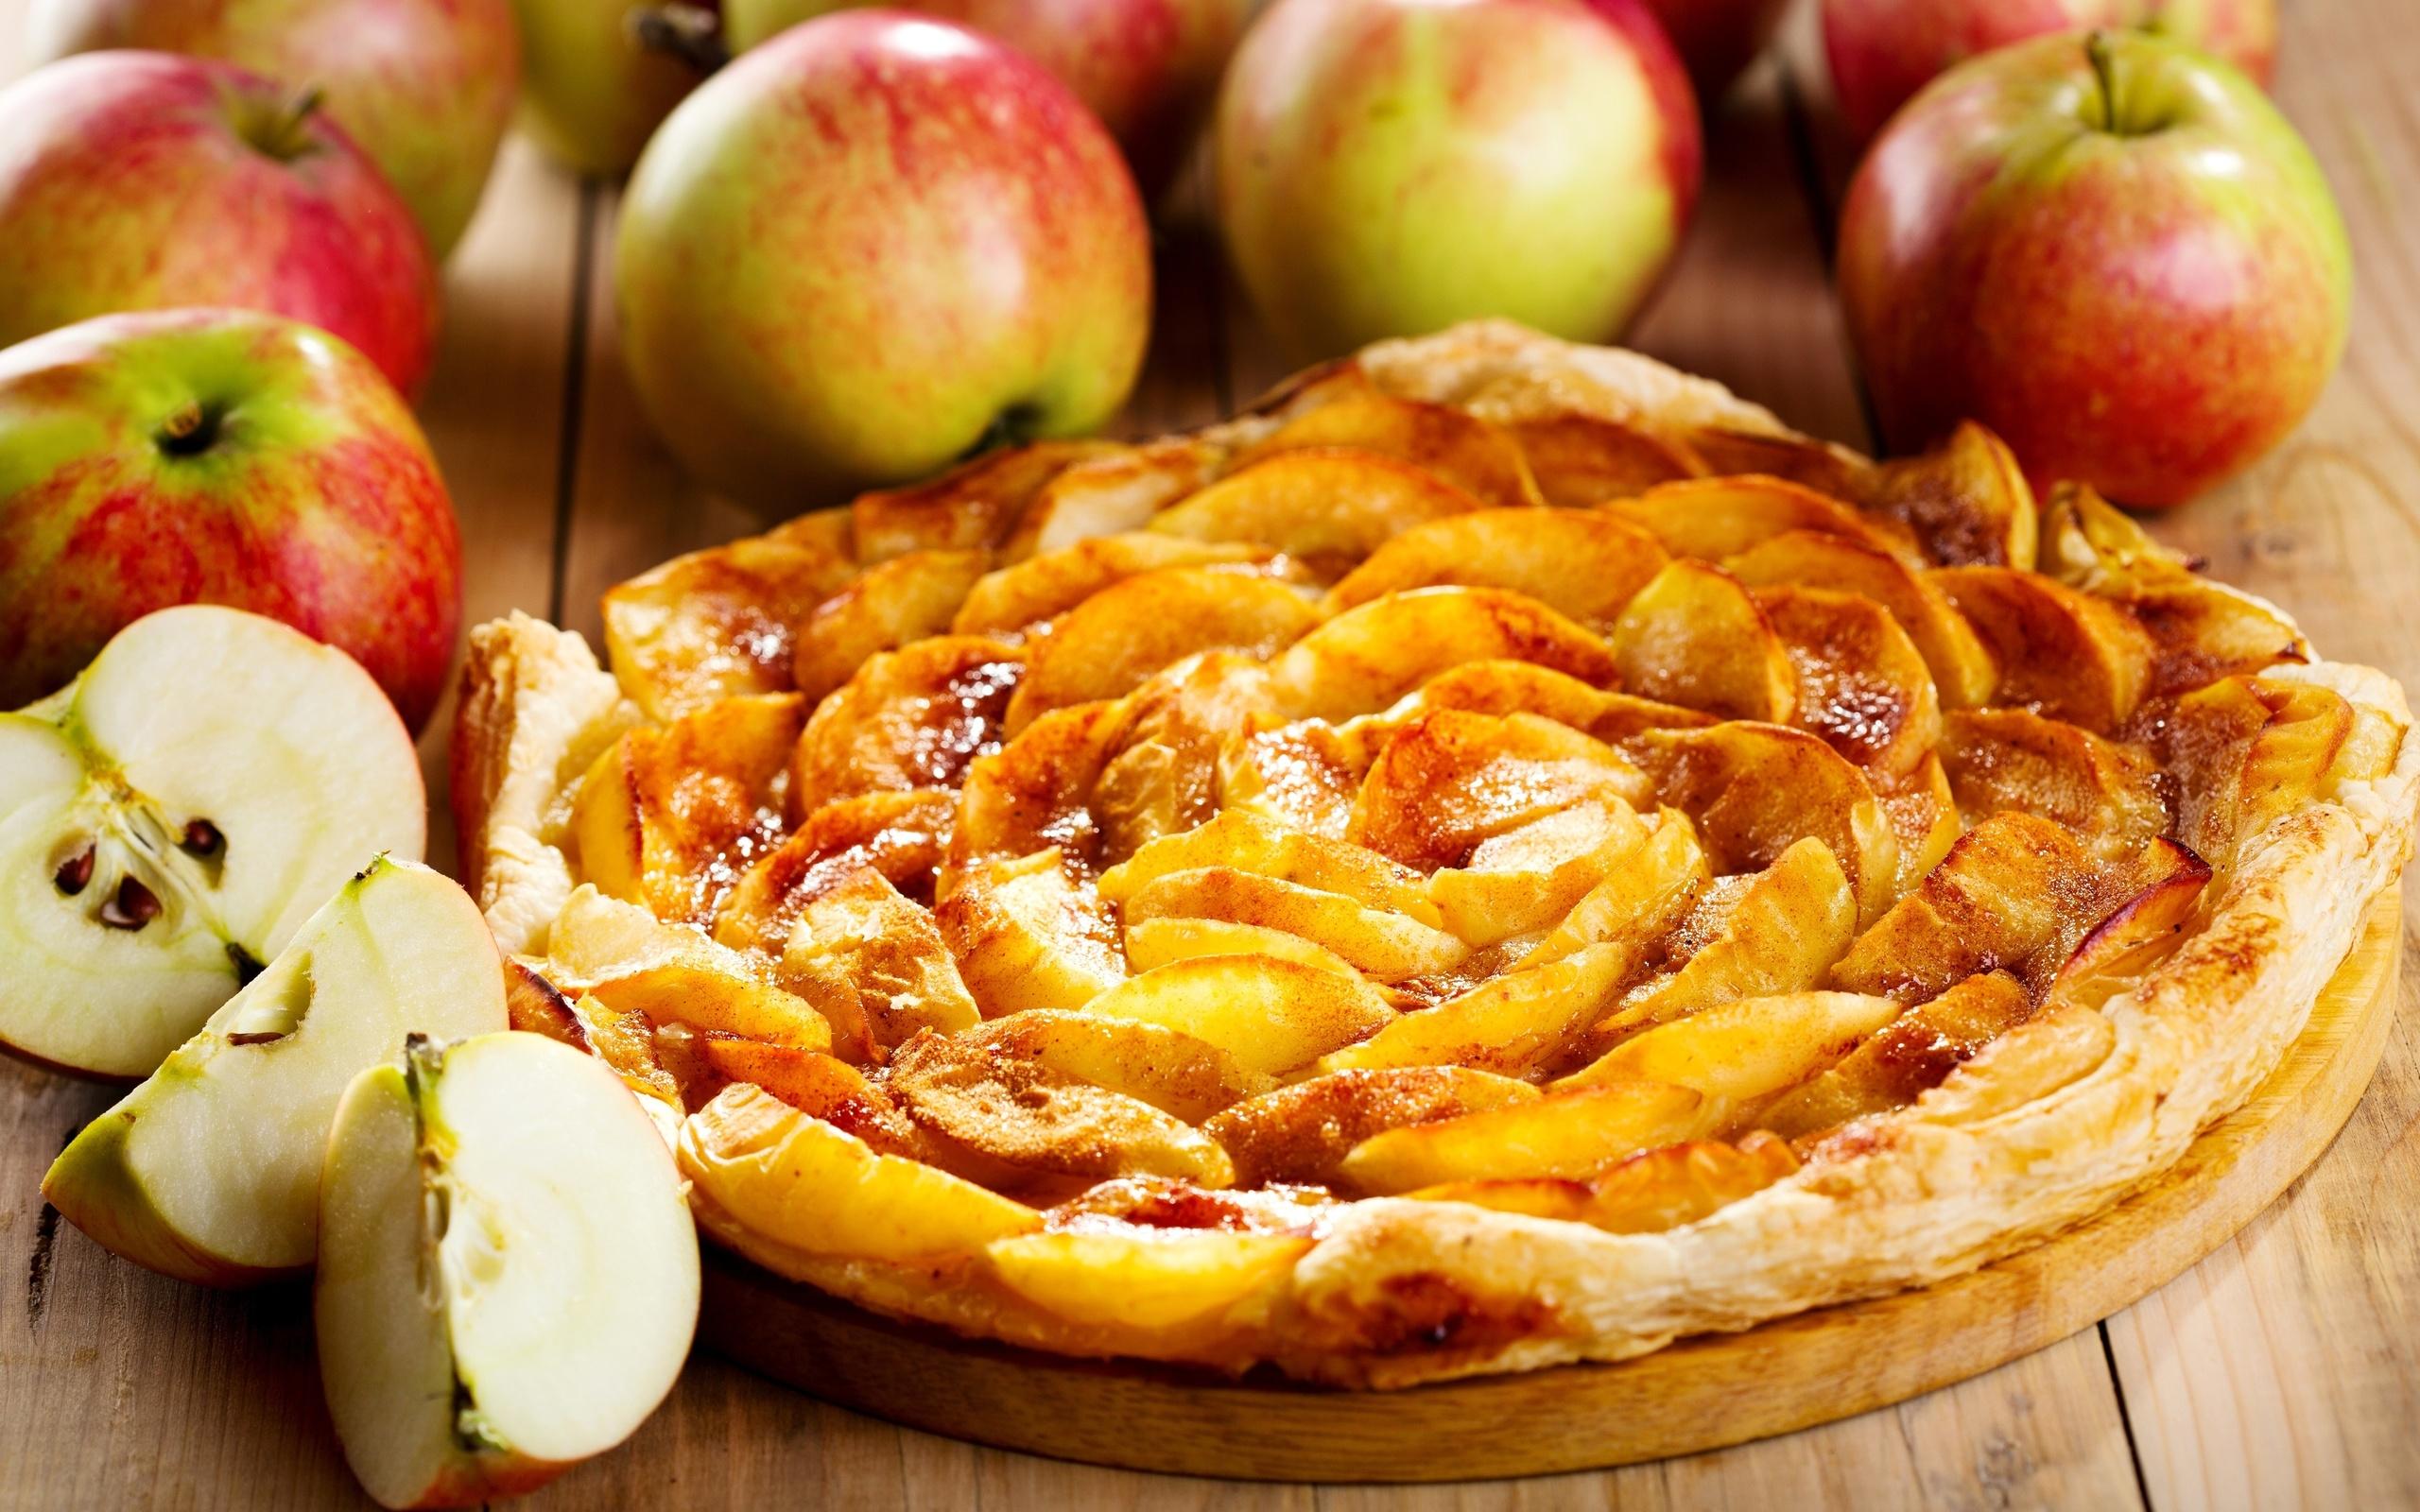 картинки яблочный пирог шарлотка расположено огромное поле